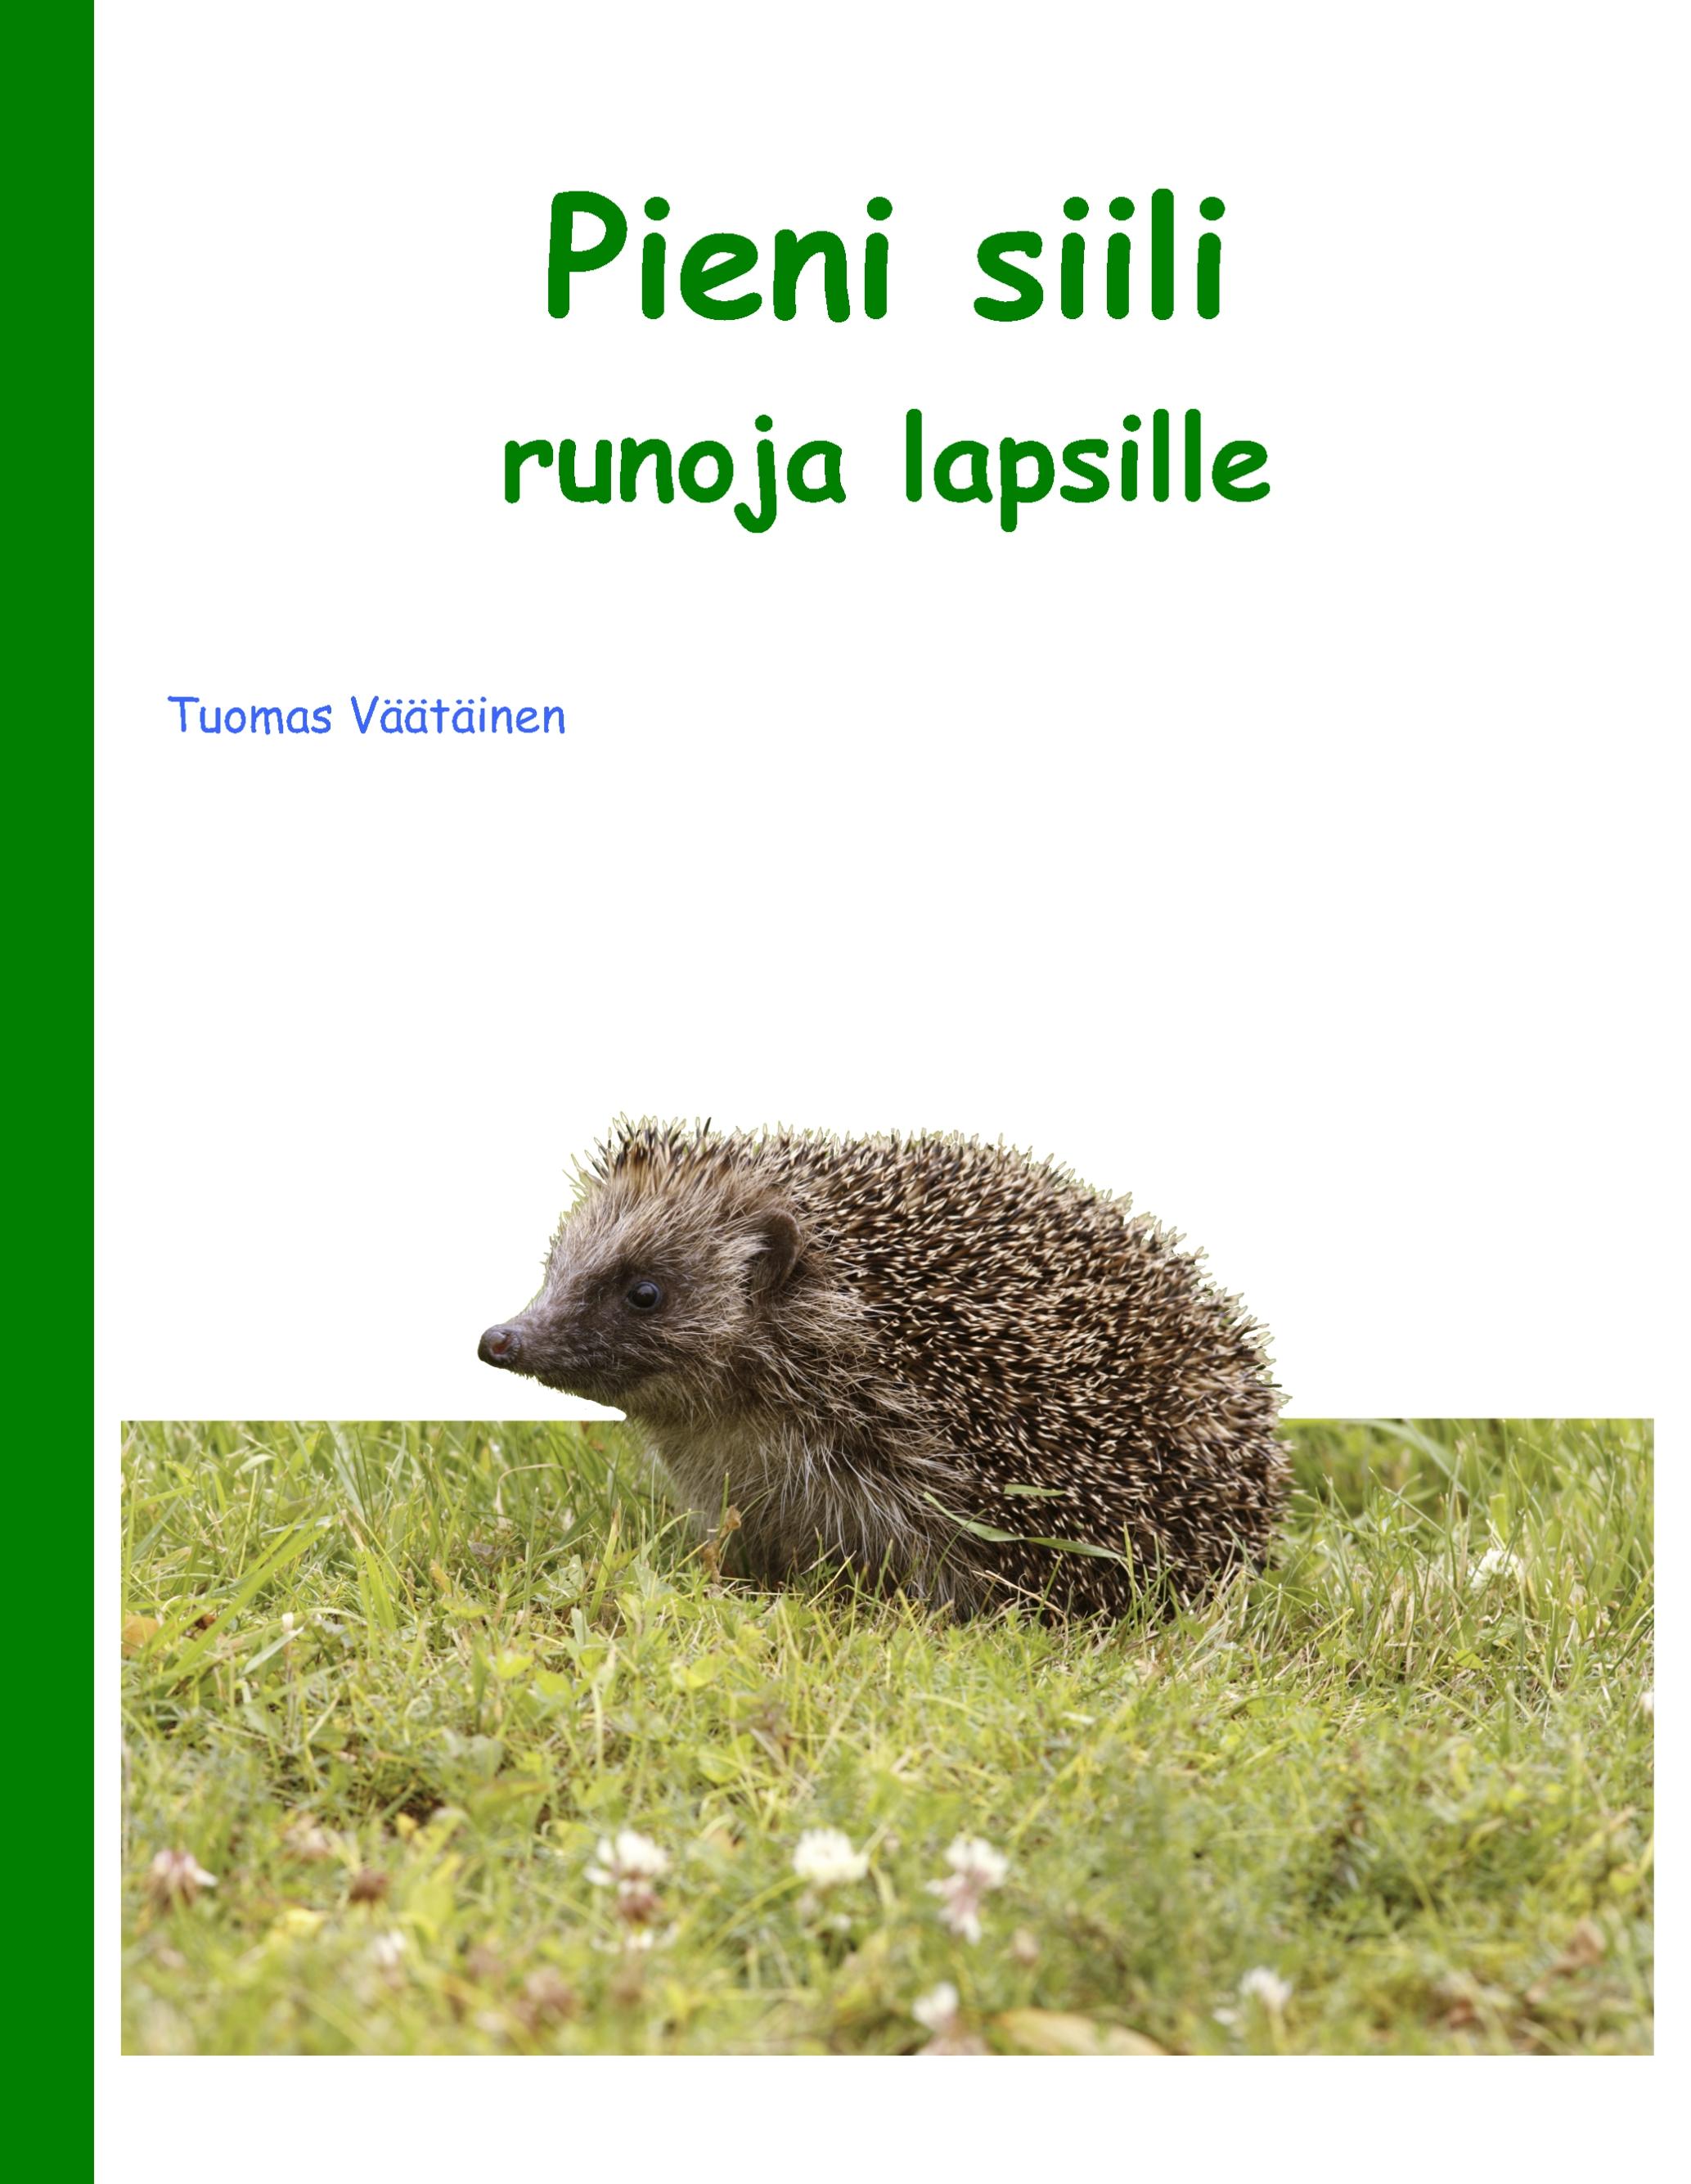 Pieni siili  runoja lapsille  Tuomas Väätäinen  e kirja